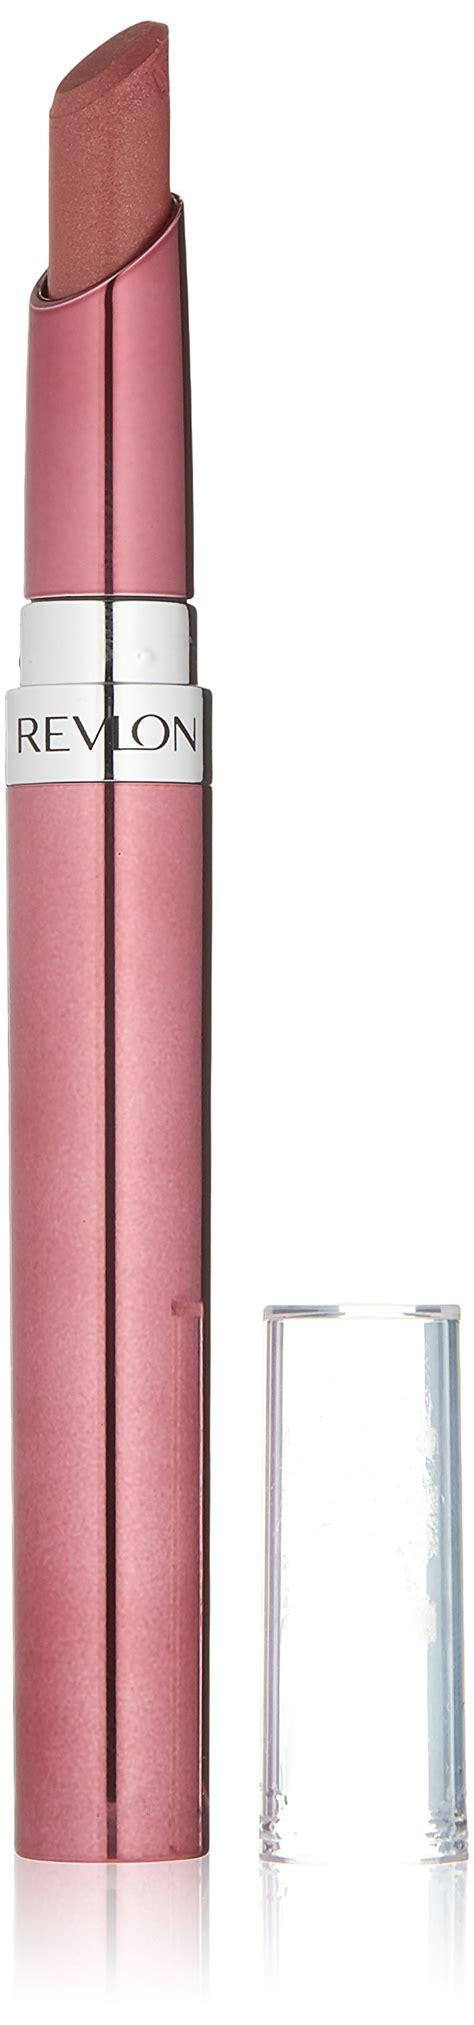 Revlon Gel Lipcolor revlon ultra hd gel lipcolor hd pink cloud